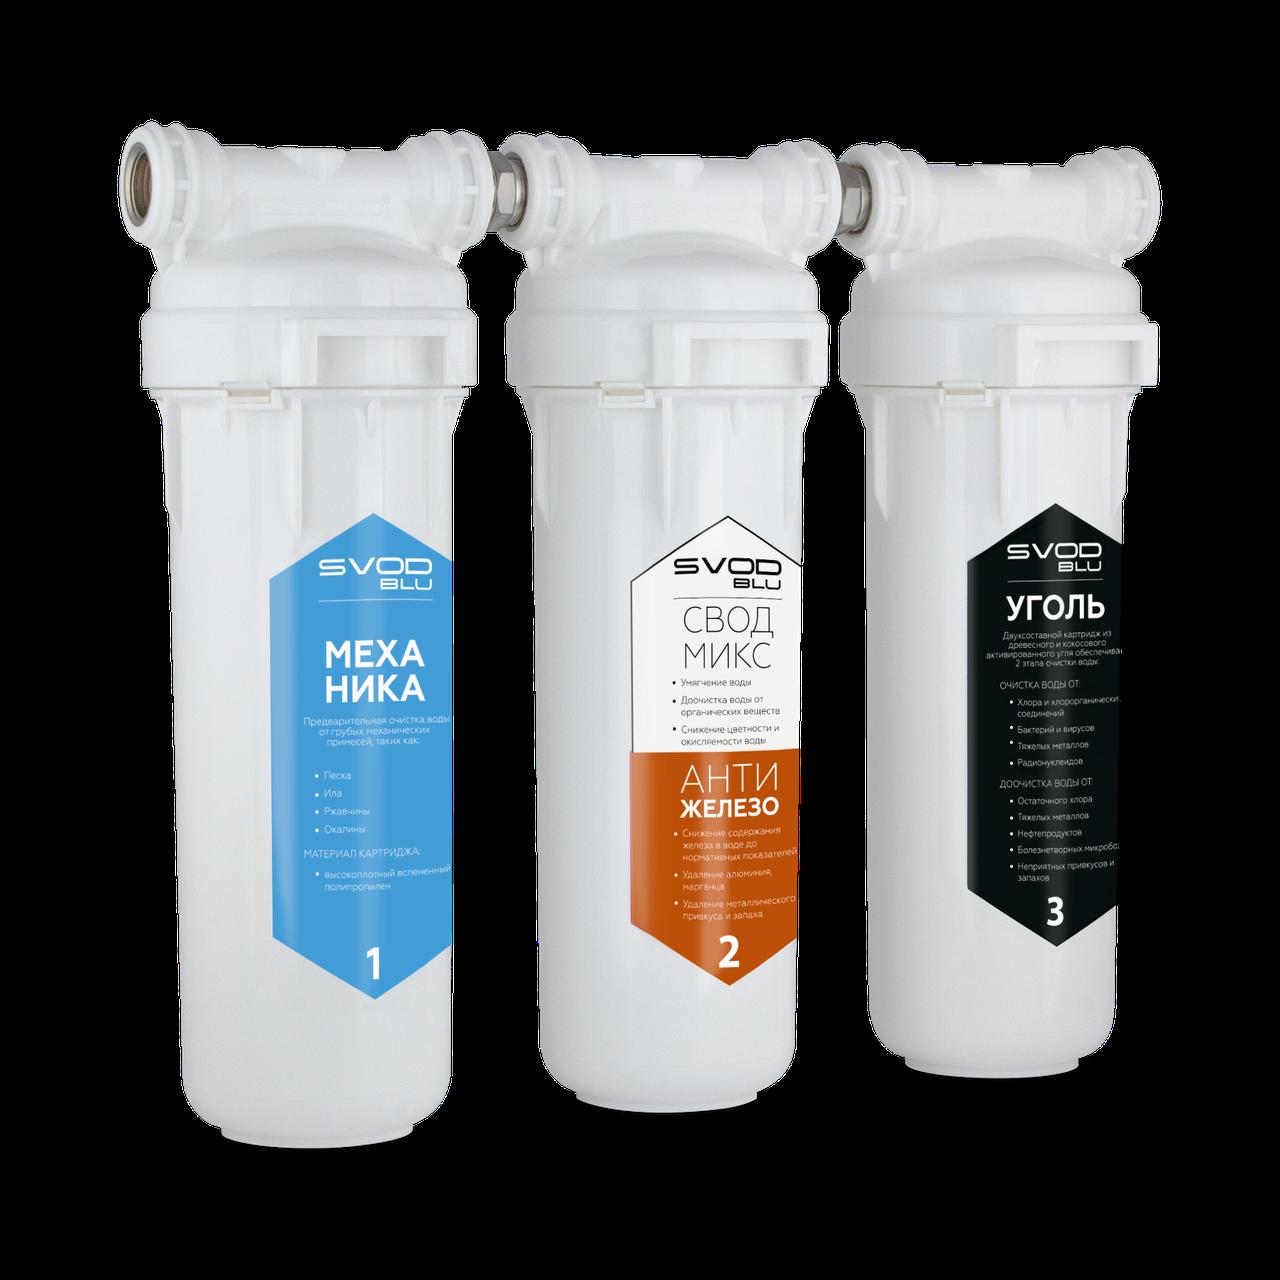 """СВОД Фільтр """"SVOD-BLU"""" для жорсткої води з підвищеним вмістом заліза 3-MCR/F"""